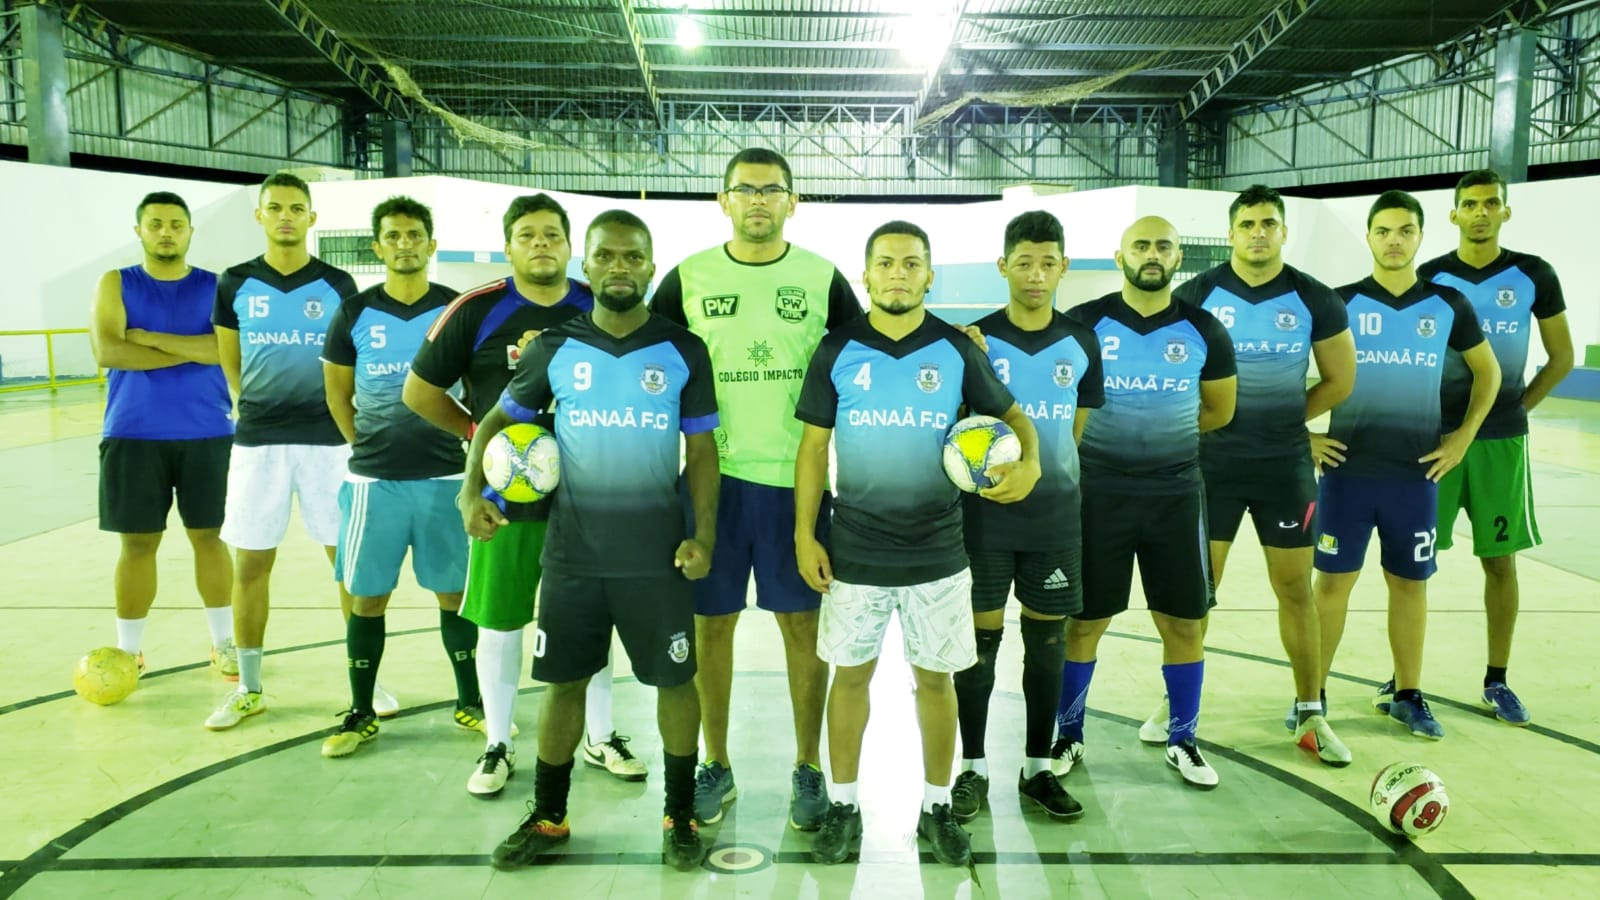 Atual campeão municipal de futsal em Guaraí, Canaã F.C. inicia preparação visando a Série Ouro